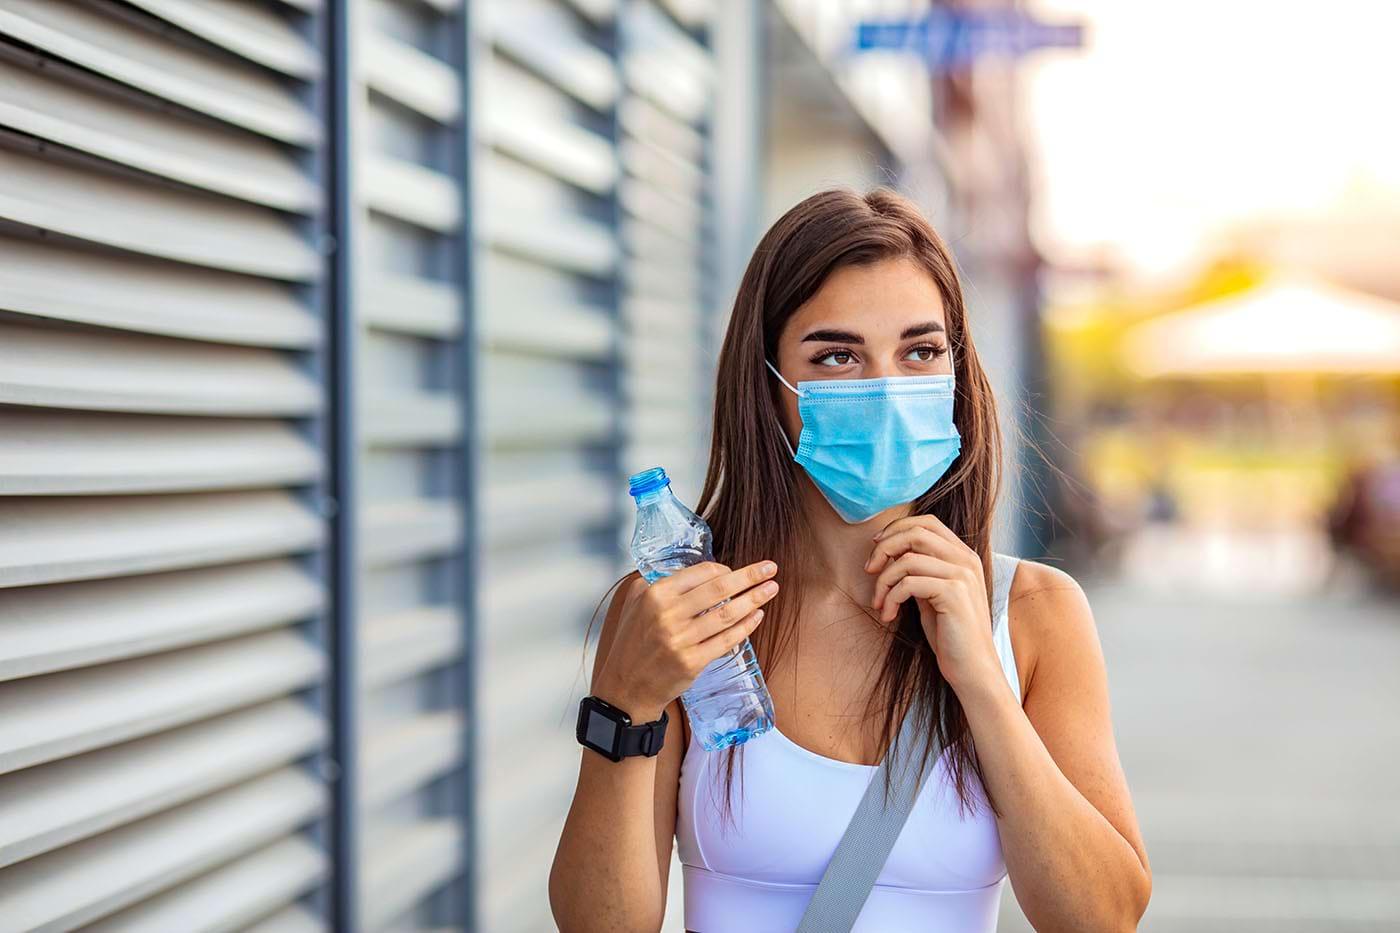 Masca de protecție, eficiență mare împotriva transmiterii SARS-CoV-2 (studiu)